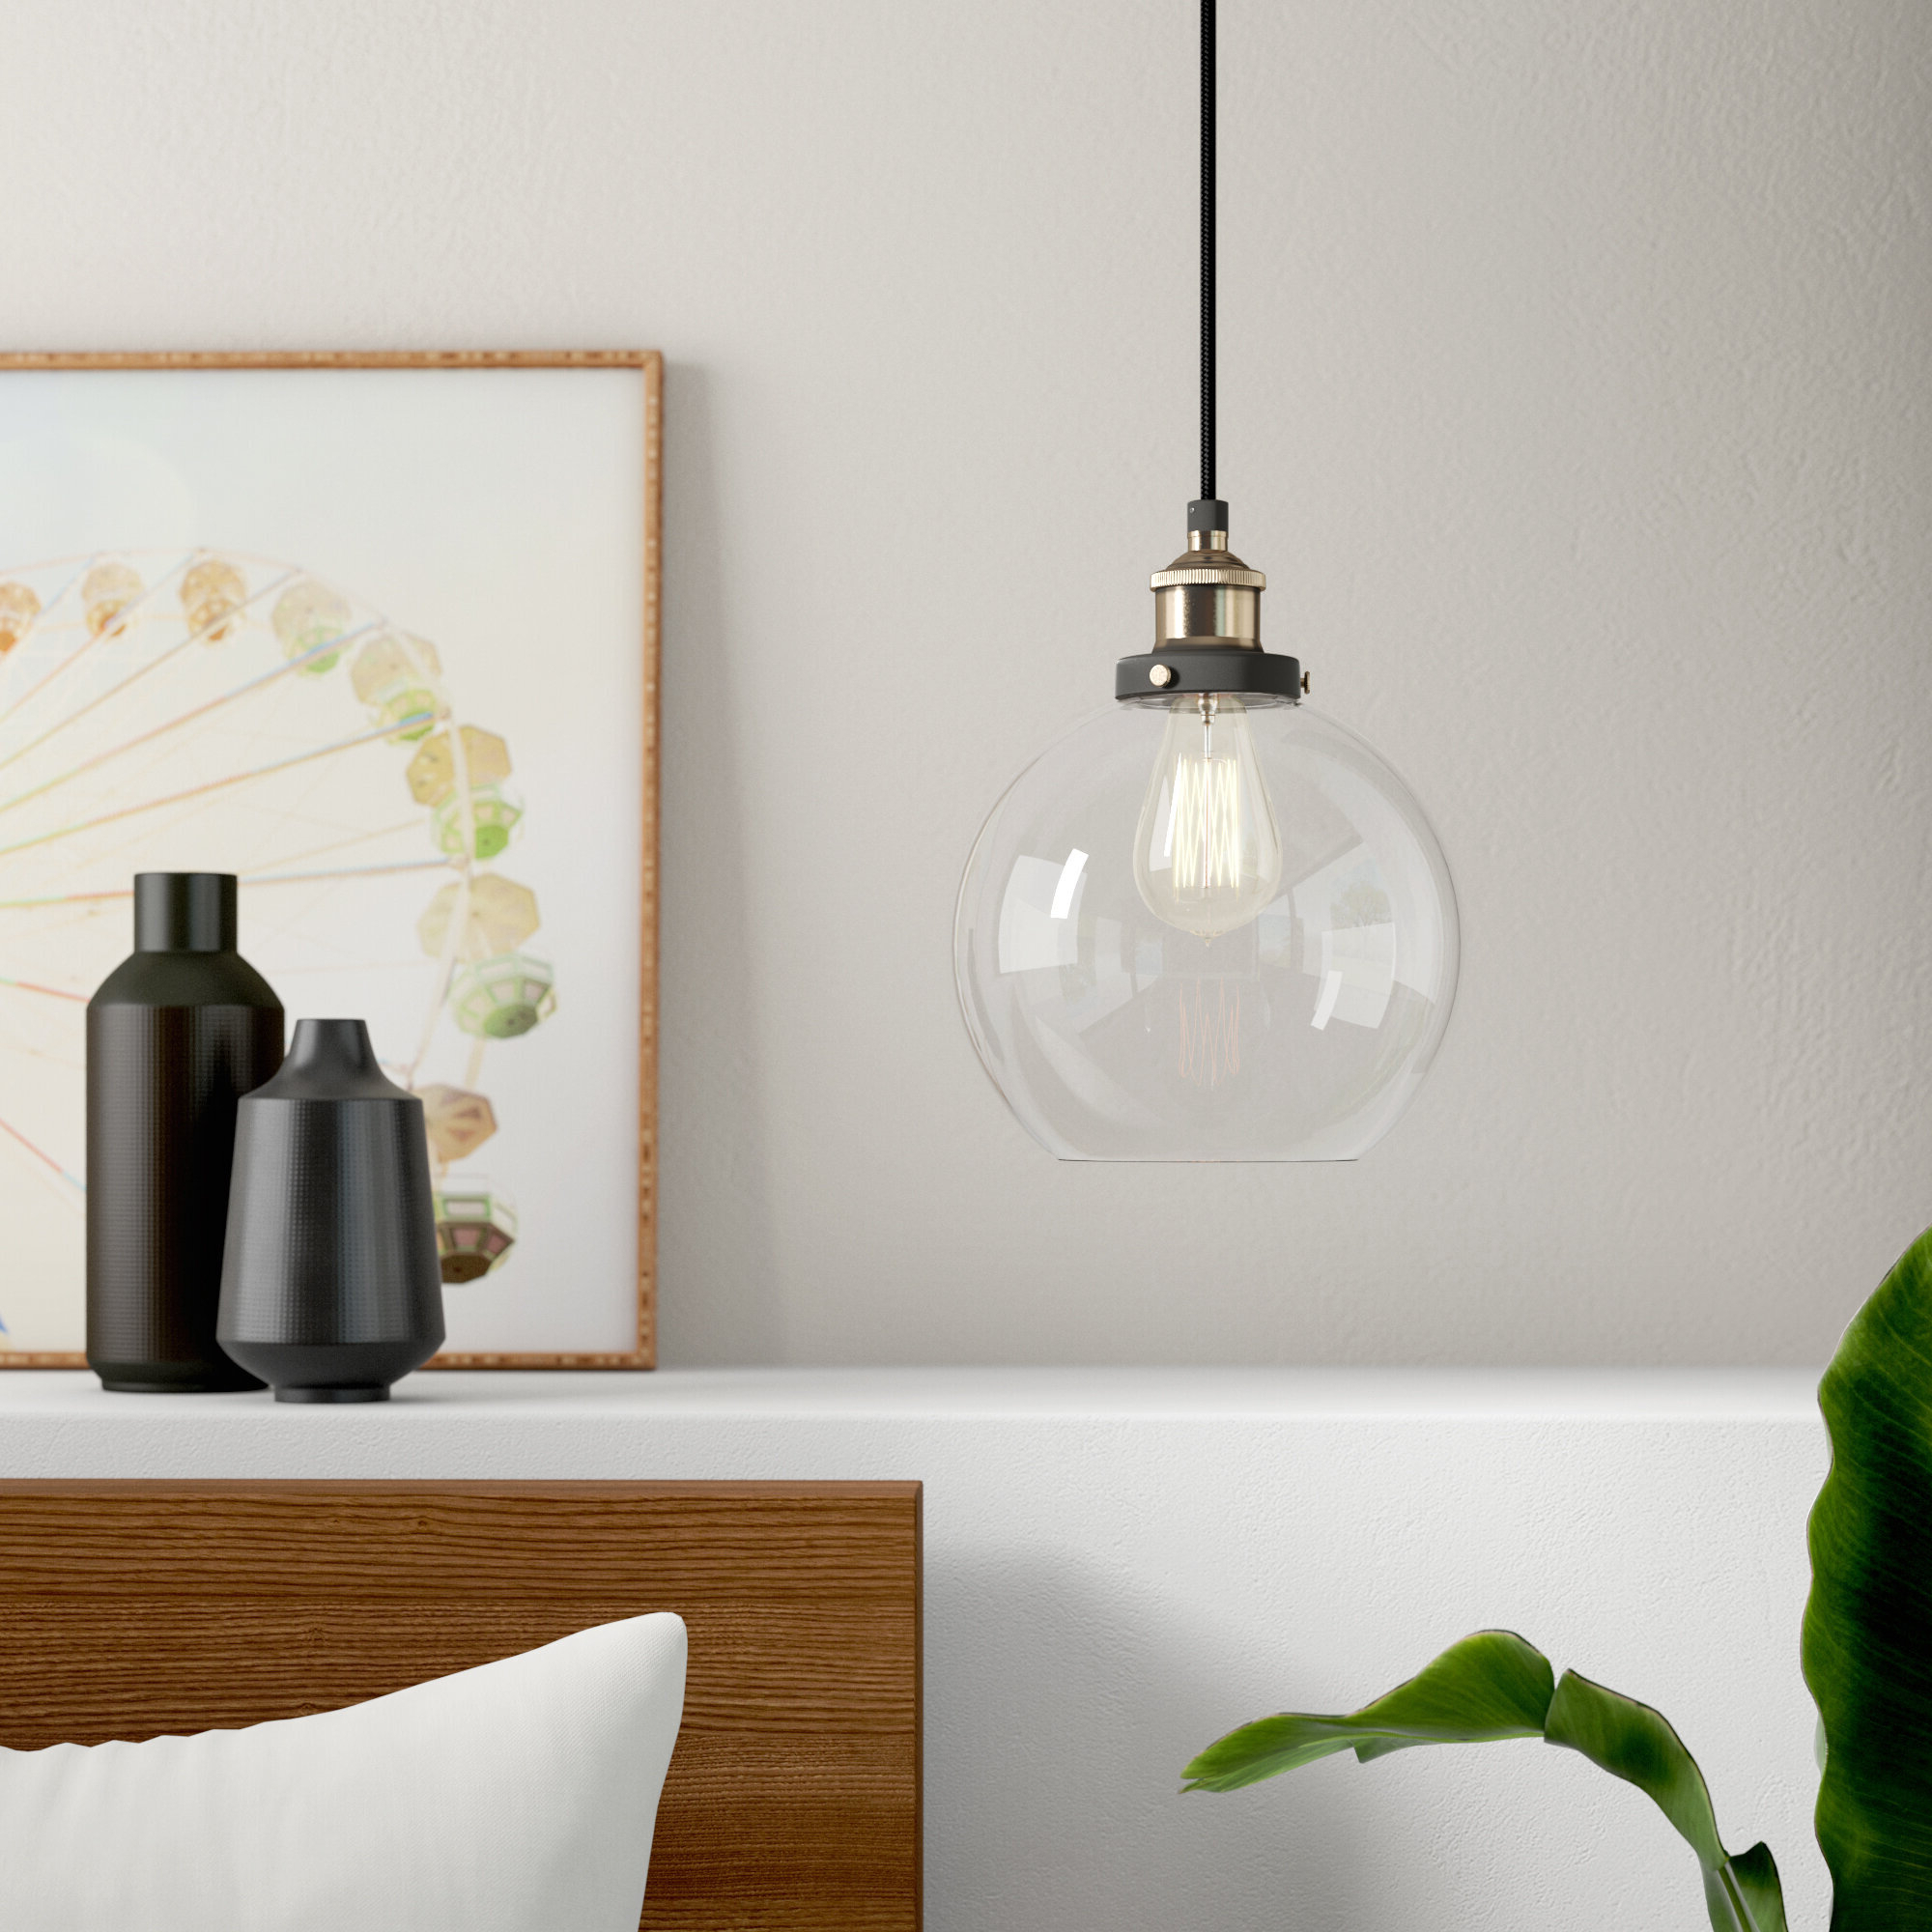 Bundy 1 Light Single Globe Pendant With Preferred Cayden 1 Light Single Globe Pendants (View 7 of 25)